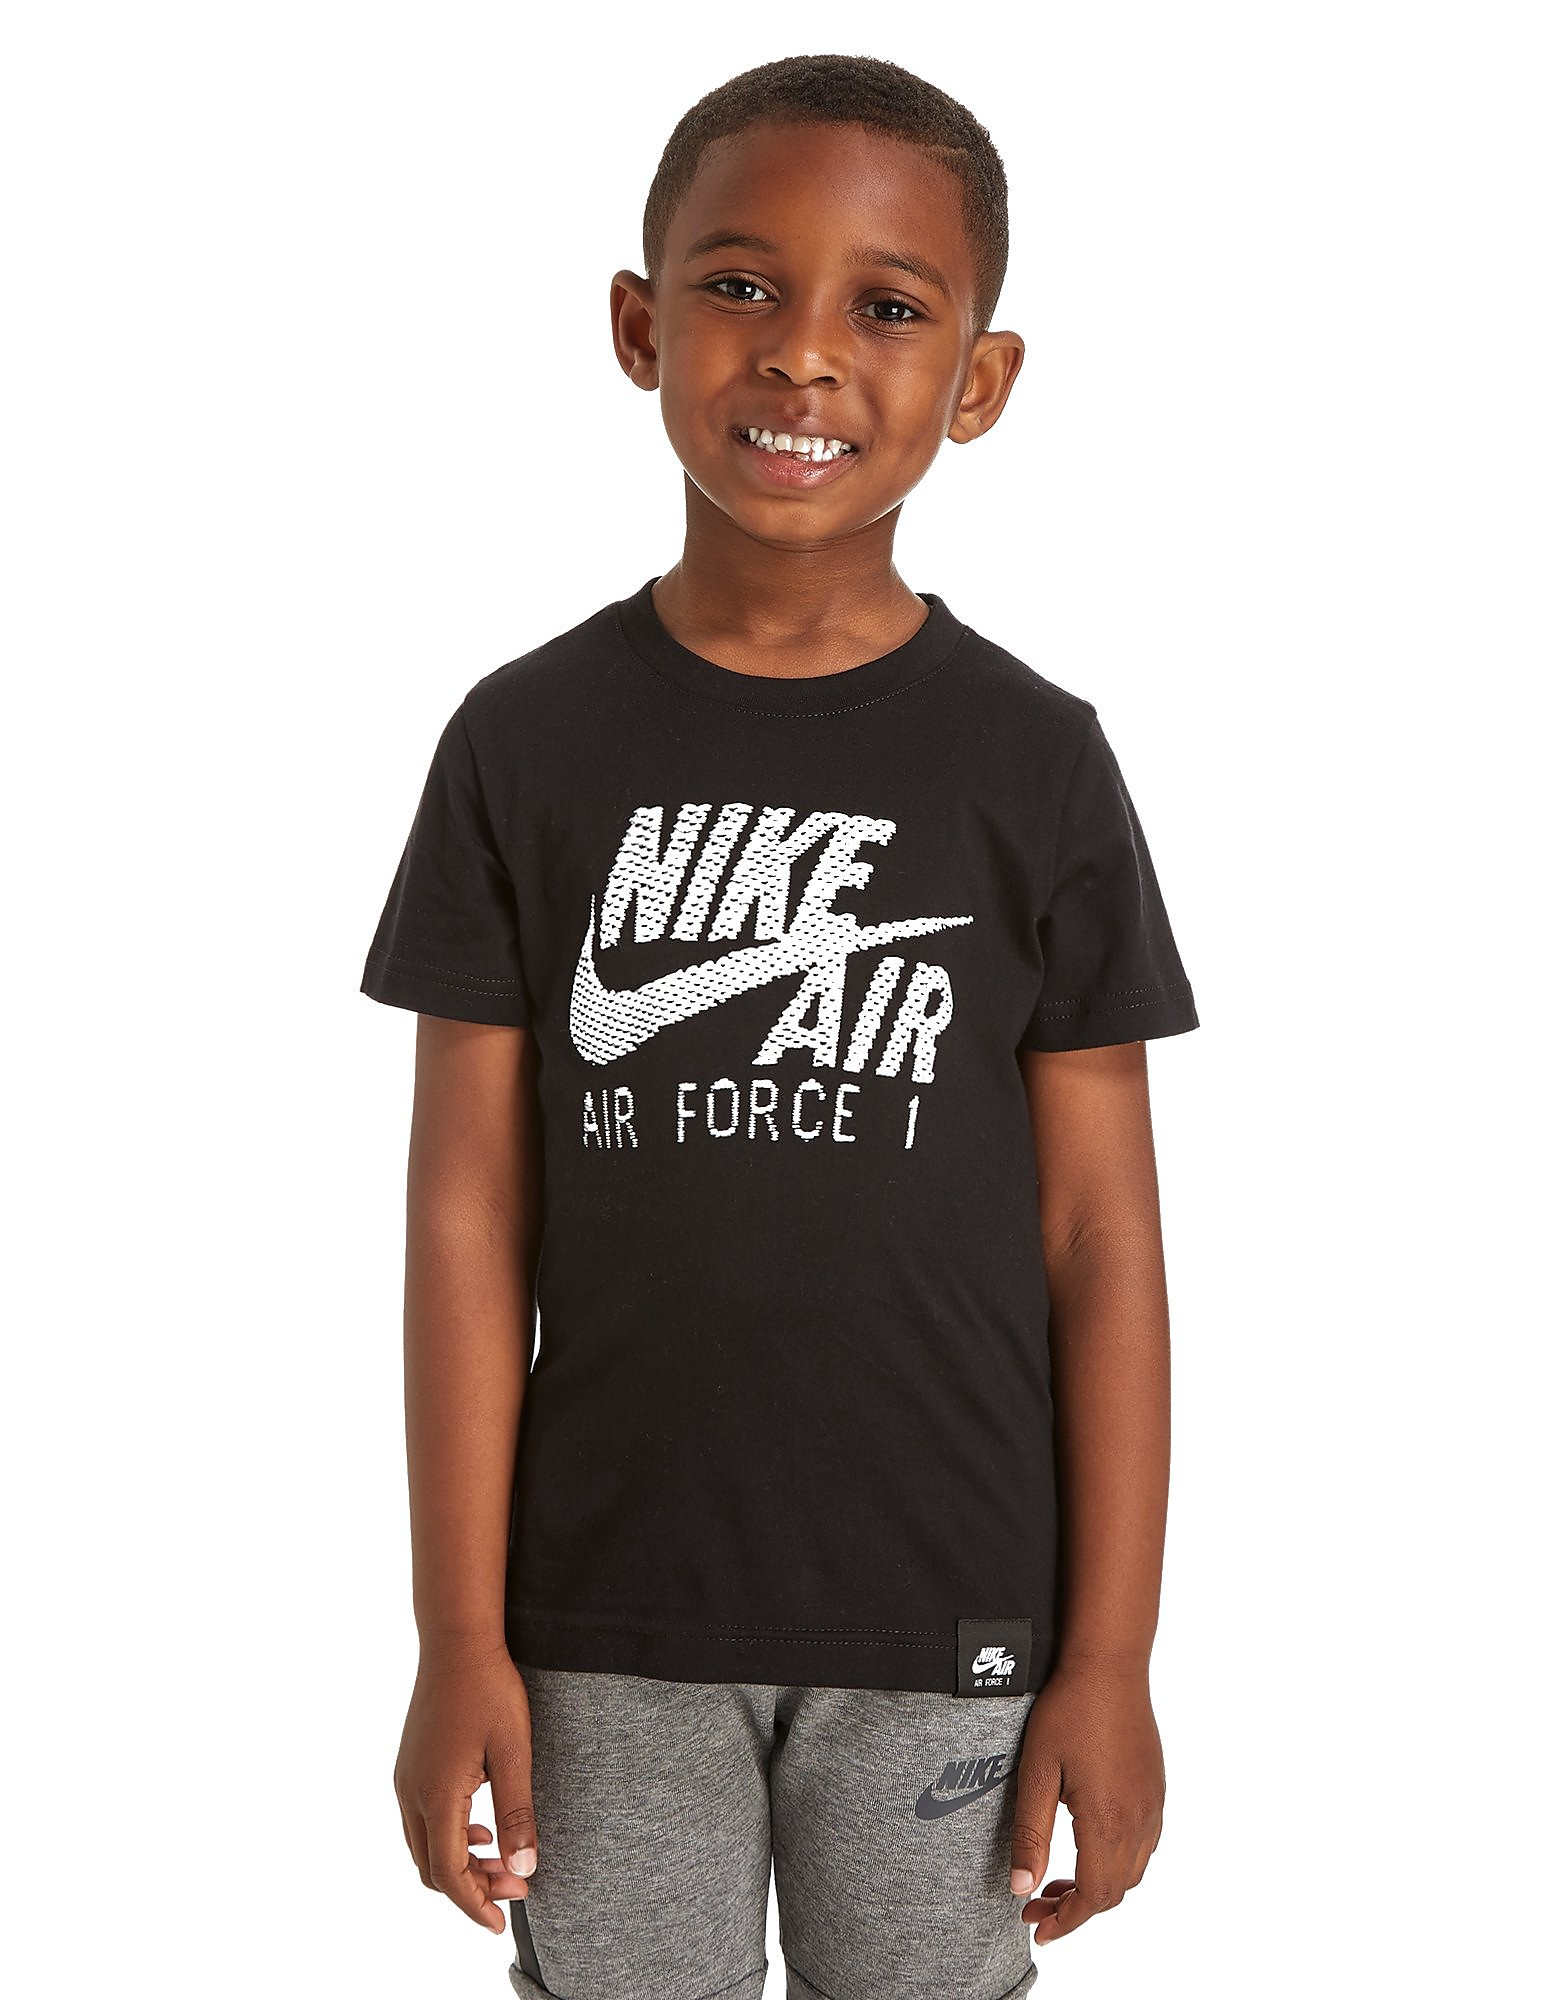 Nike Air Force 1 T-Shirt Enfant